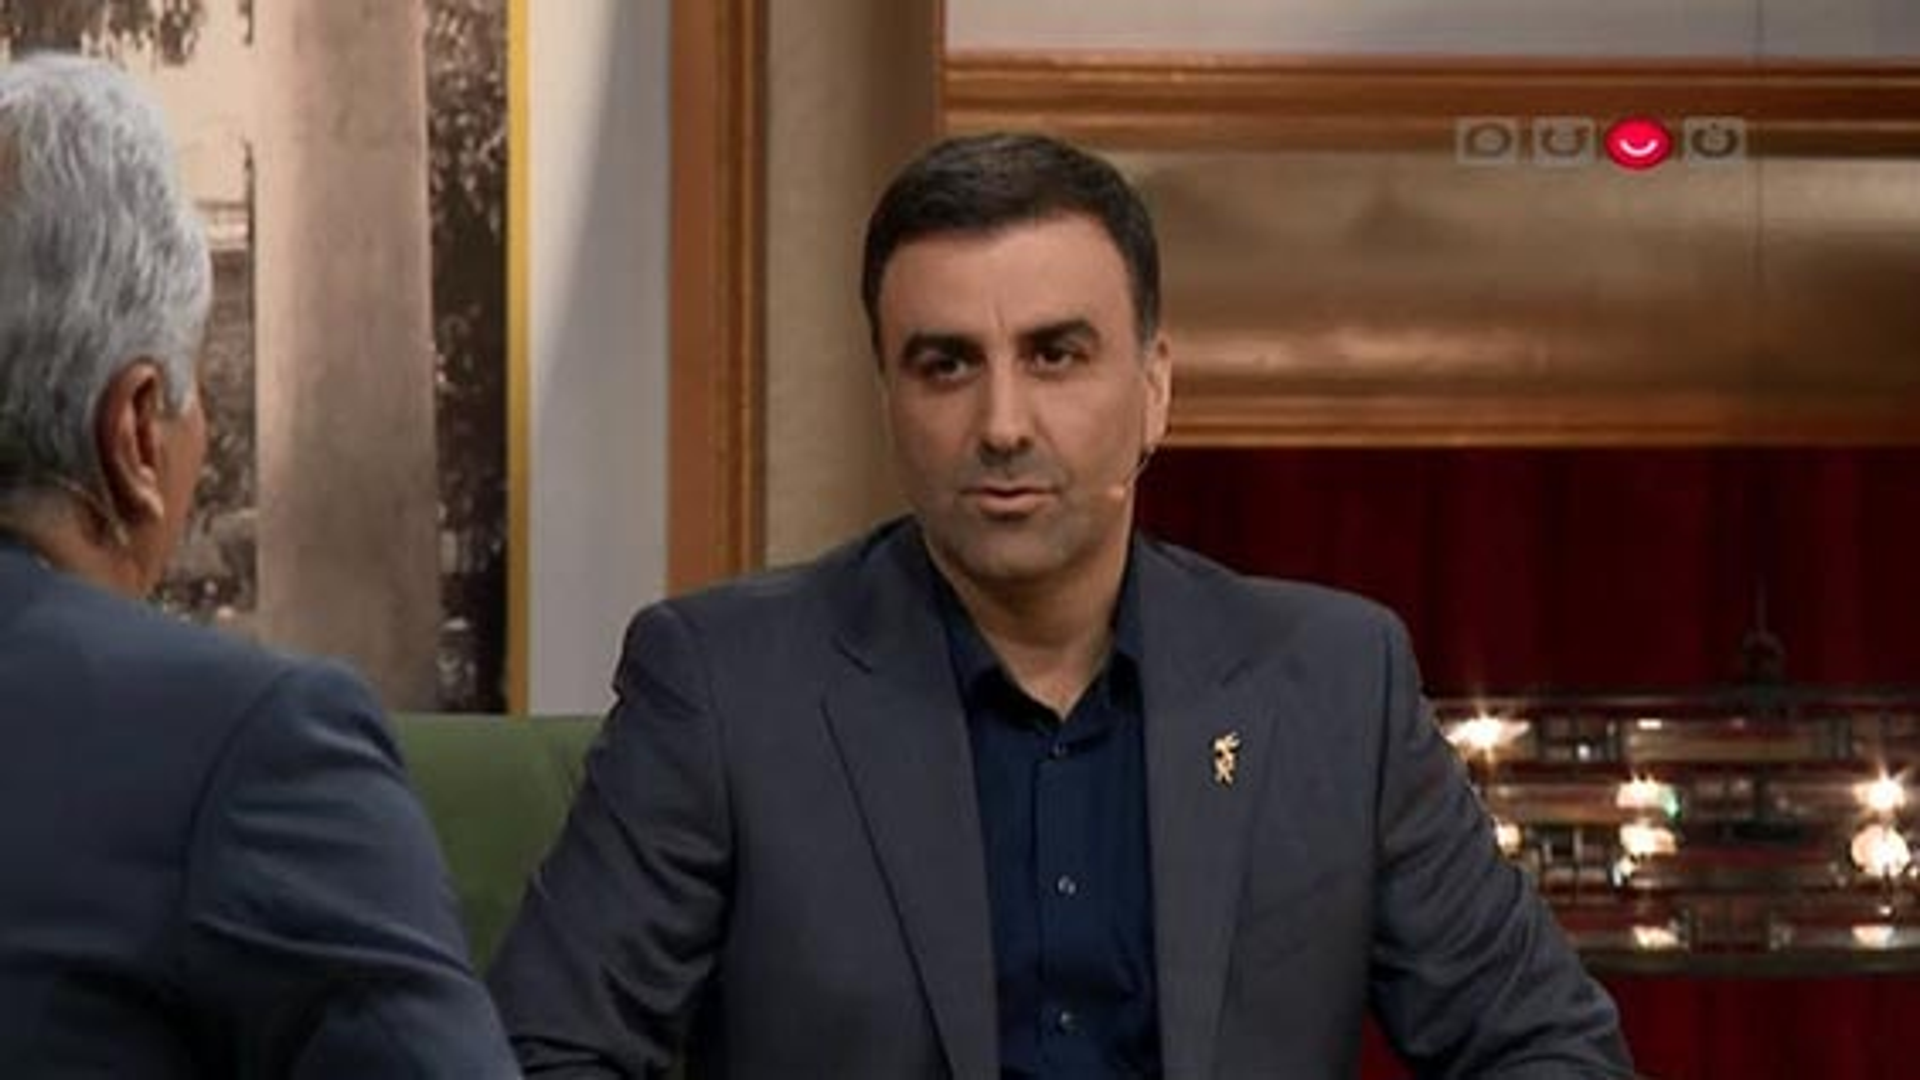 صحبتهای ابراهیم داروغه زاده در رابطه با جشنواره فیلم فجر | فیلم